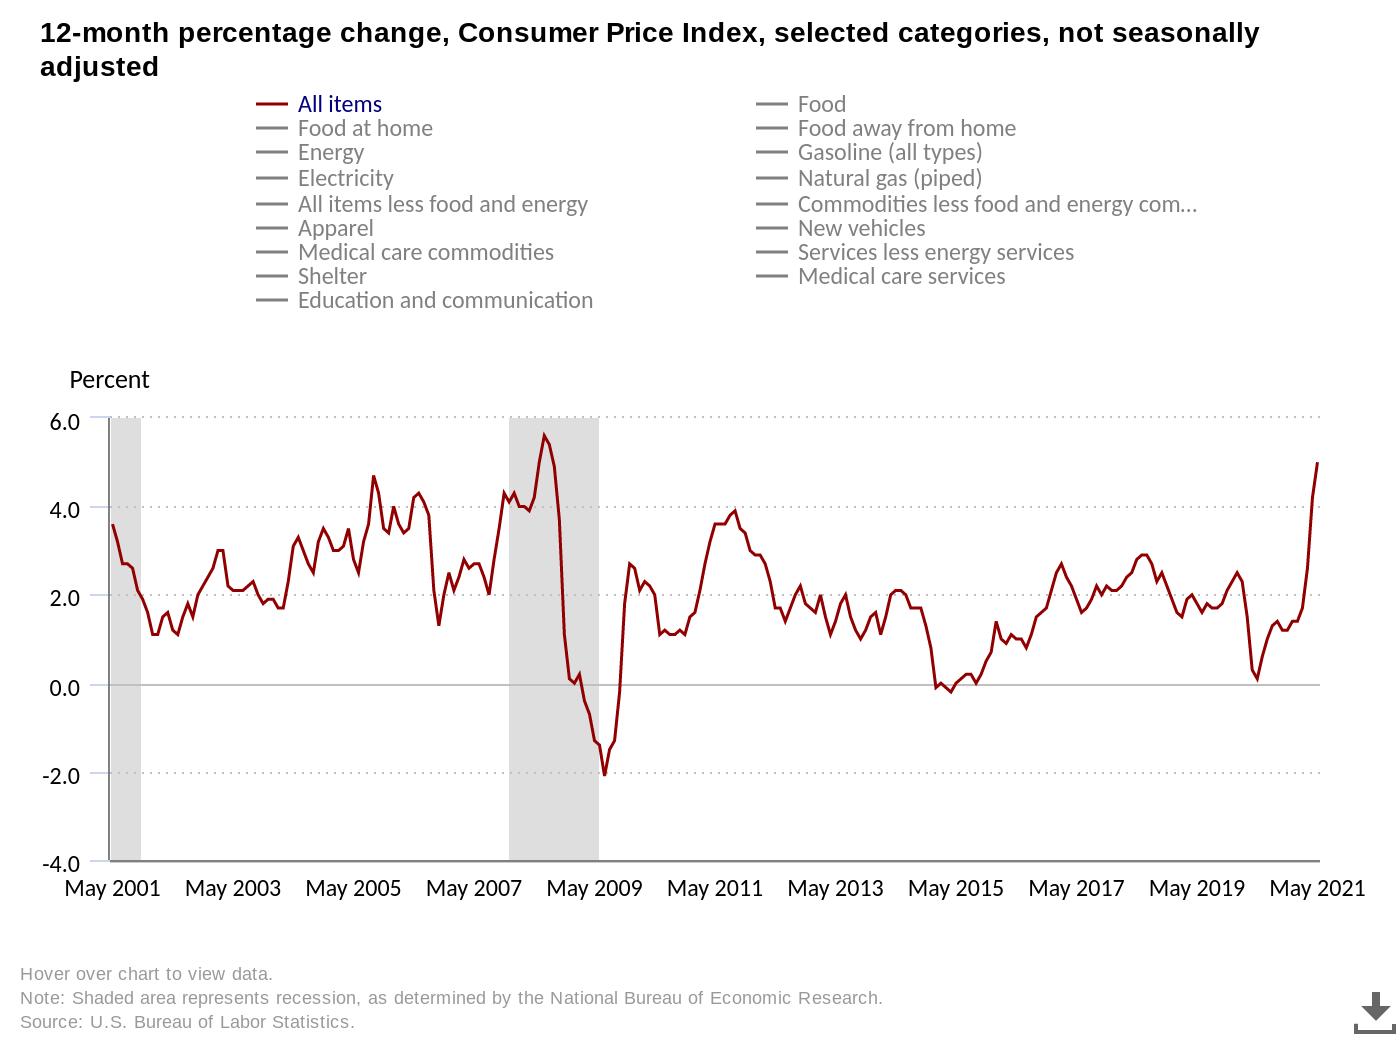 Инфляция в США достигла уровня финансового кризиса 2008 года. Это отличная новость для биткоина